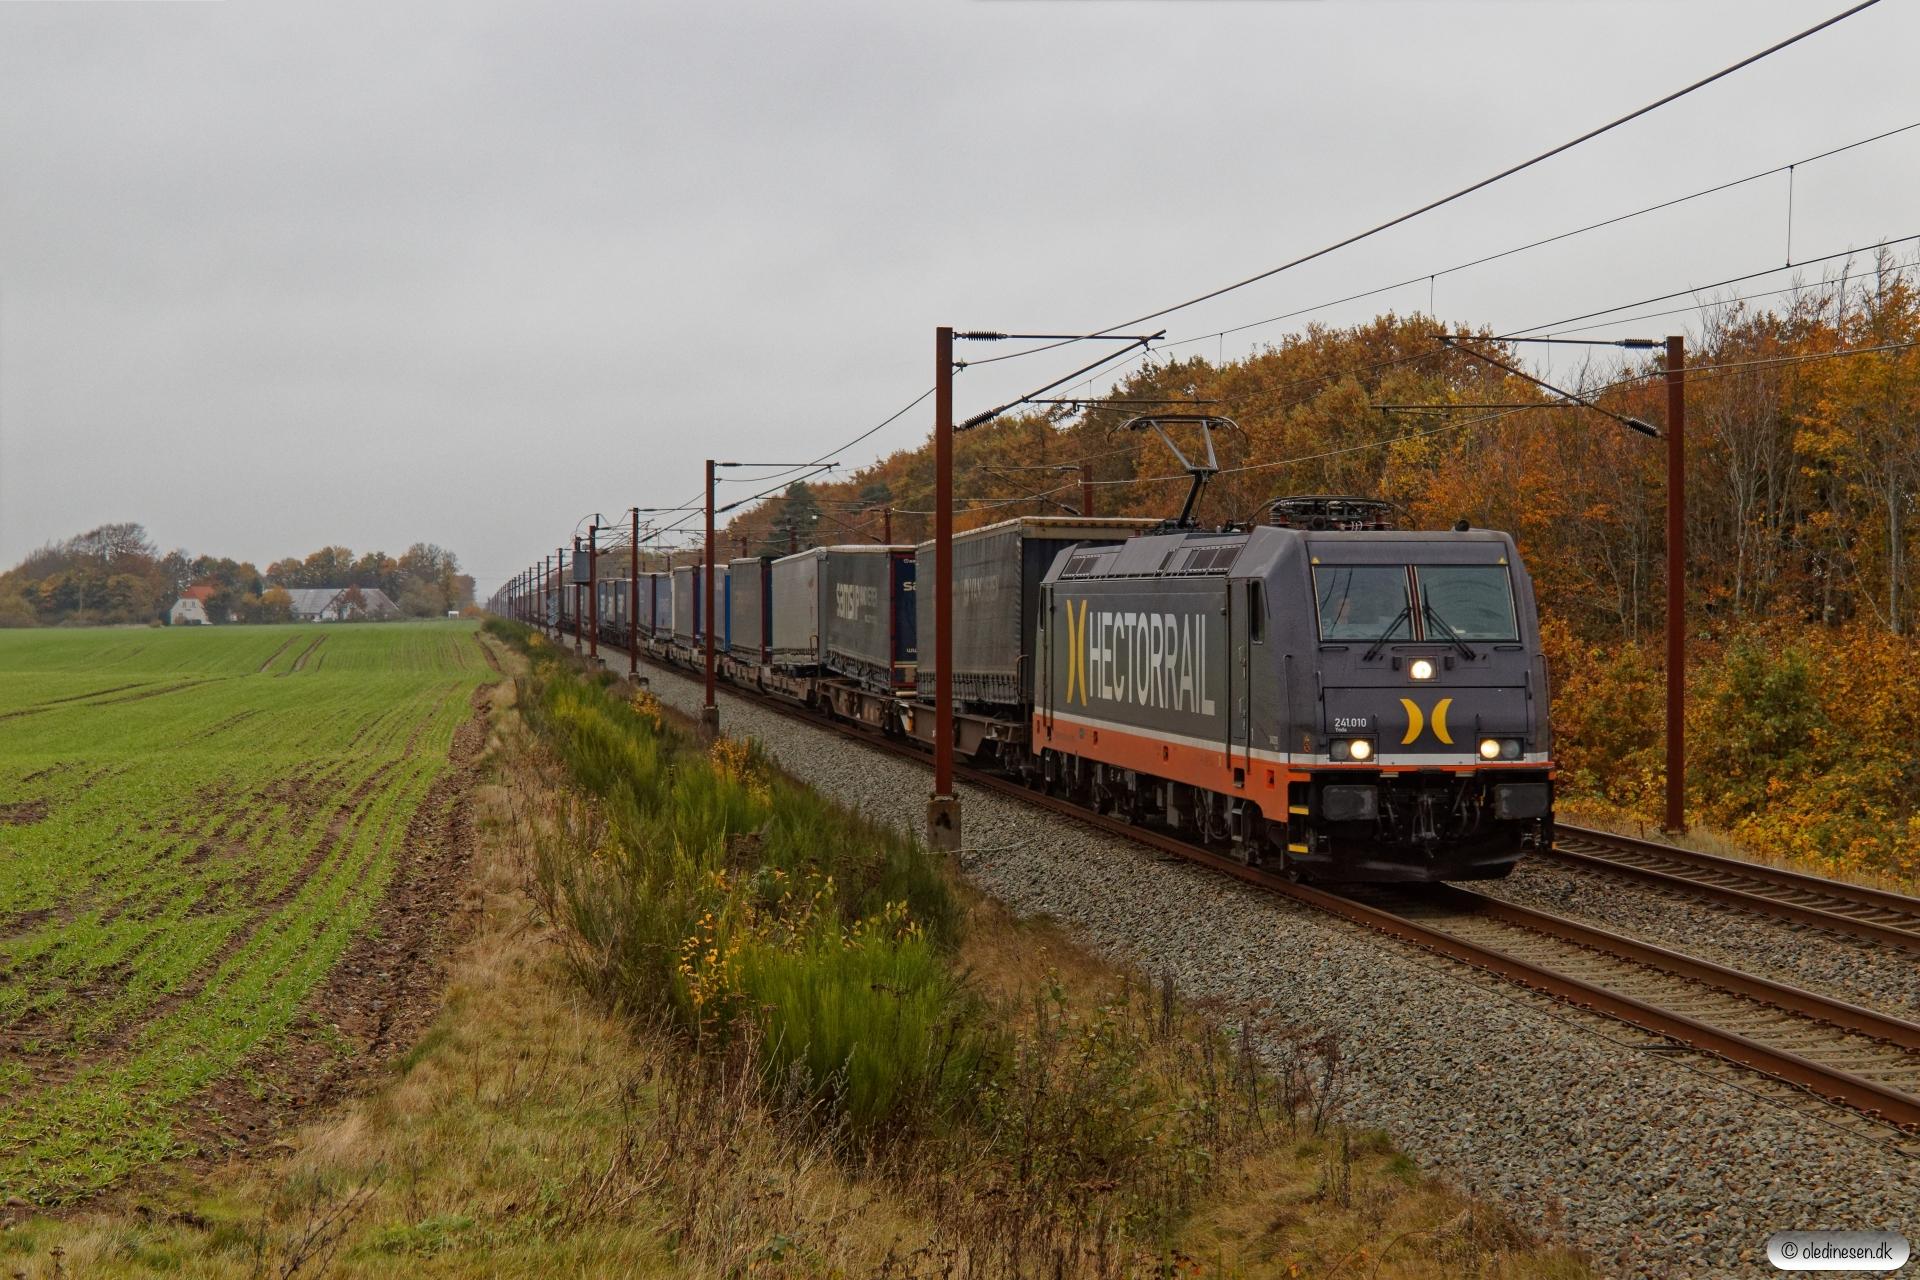 HCTOR 241.010 med HS 41043 Mgb-Pa. Km 57,4 Fa (Sommersted-Vojens) 31.10.2020.